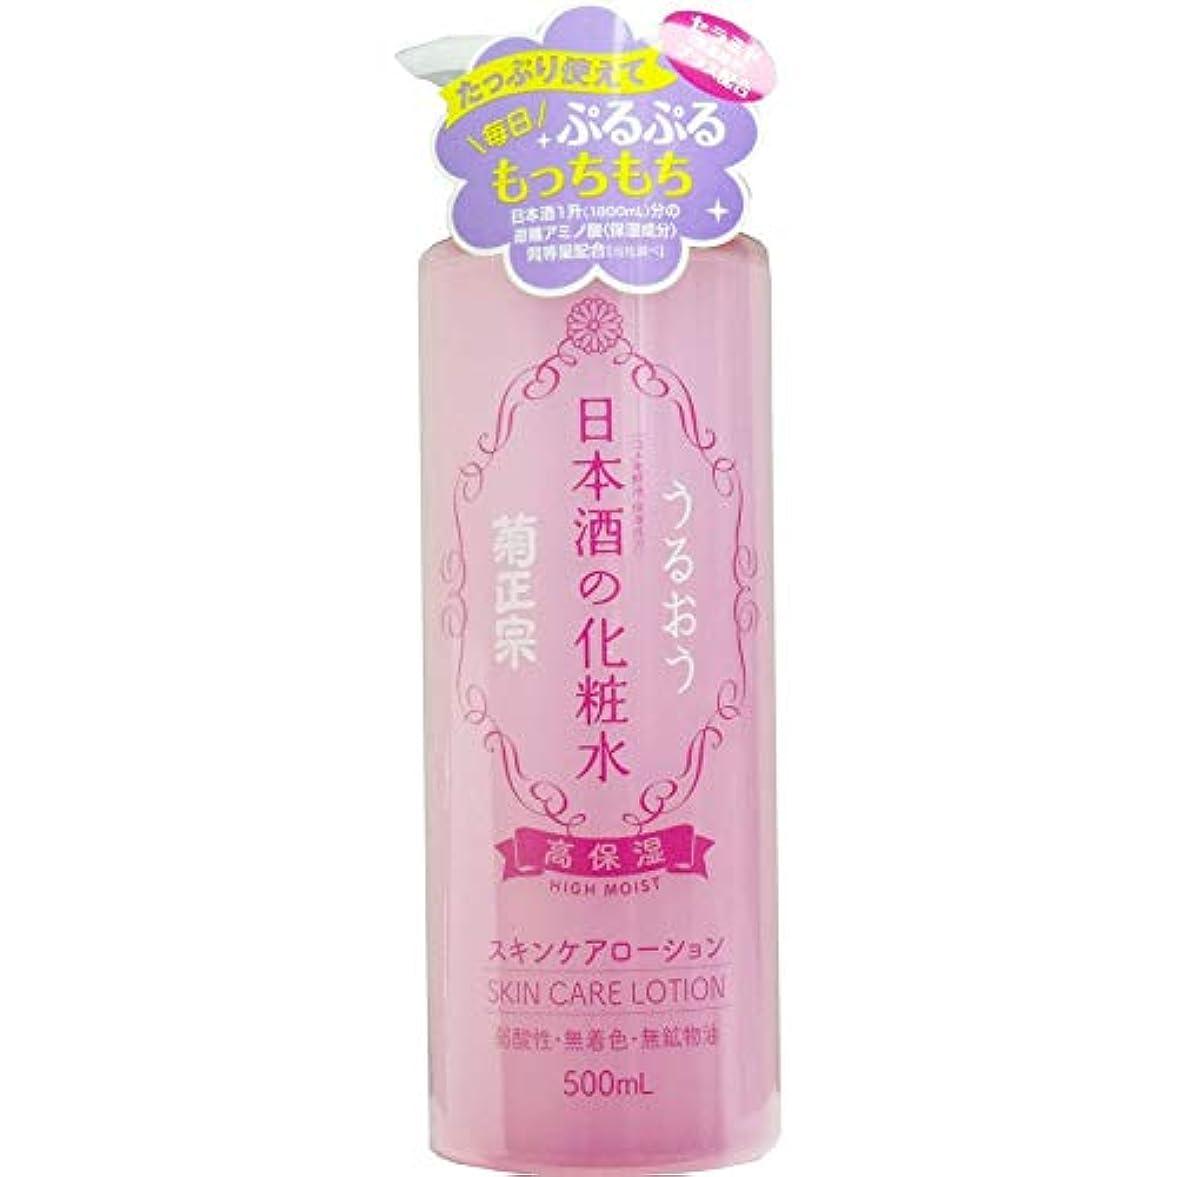 ミサイル無謀困惑する日本酒の化粧水 菊政宗 化粧水 500ml×2本セット